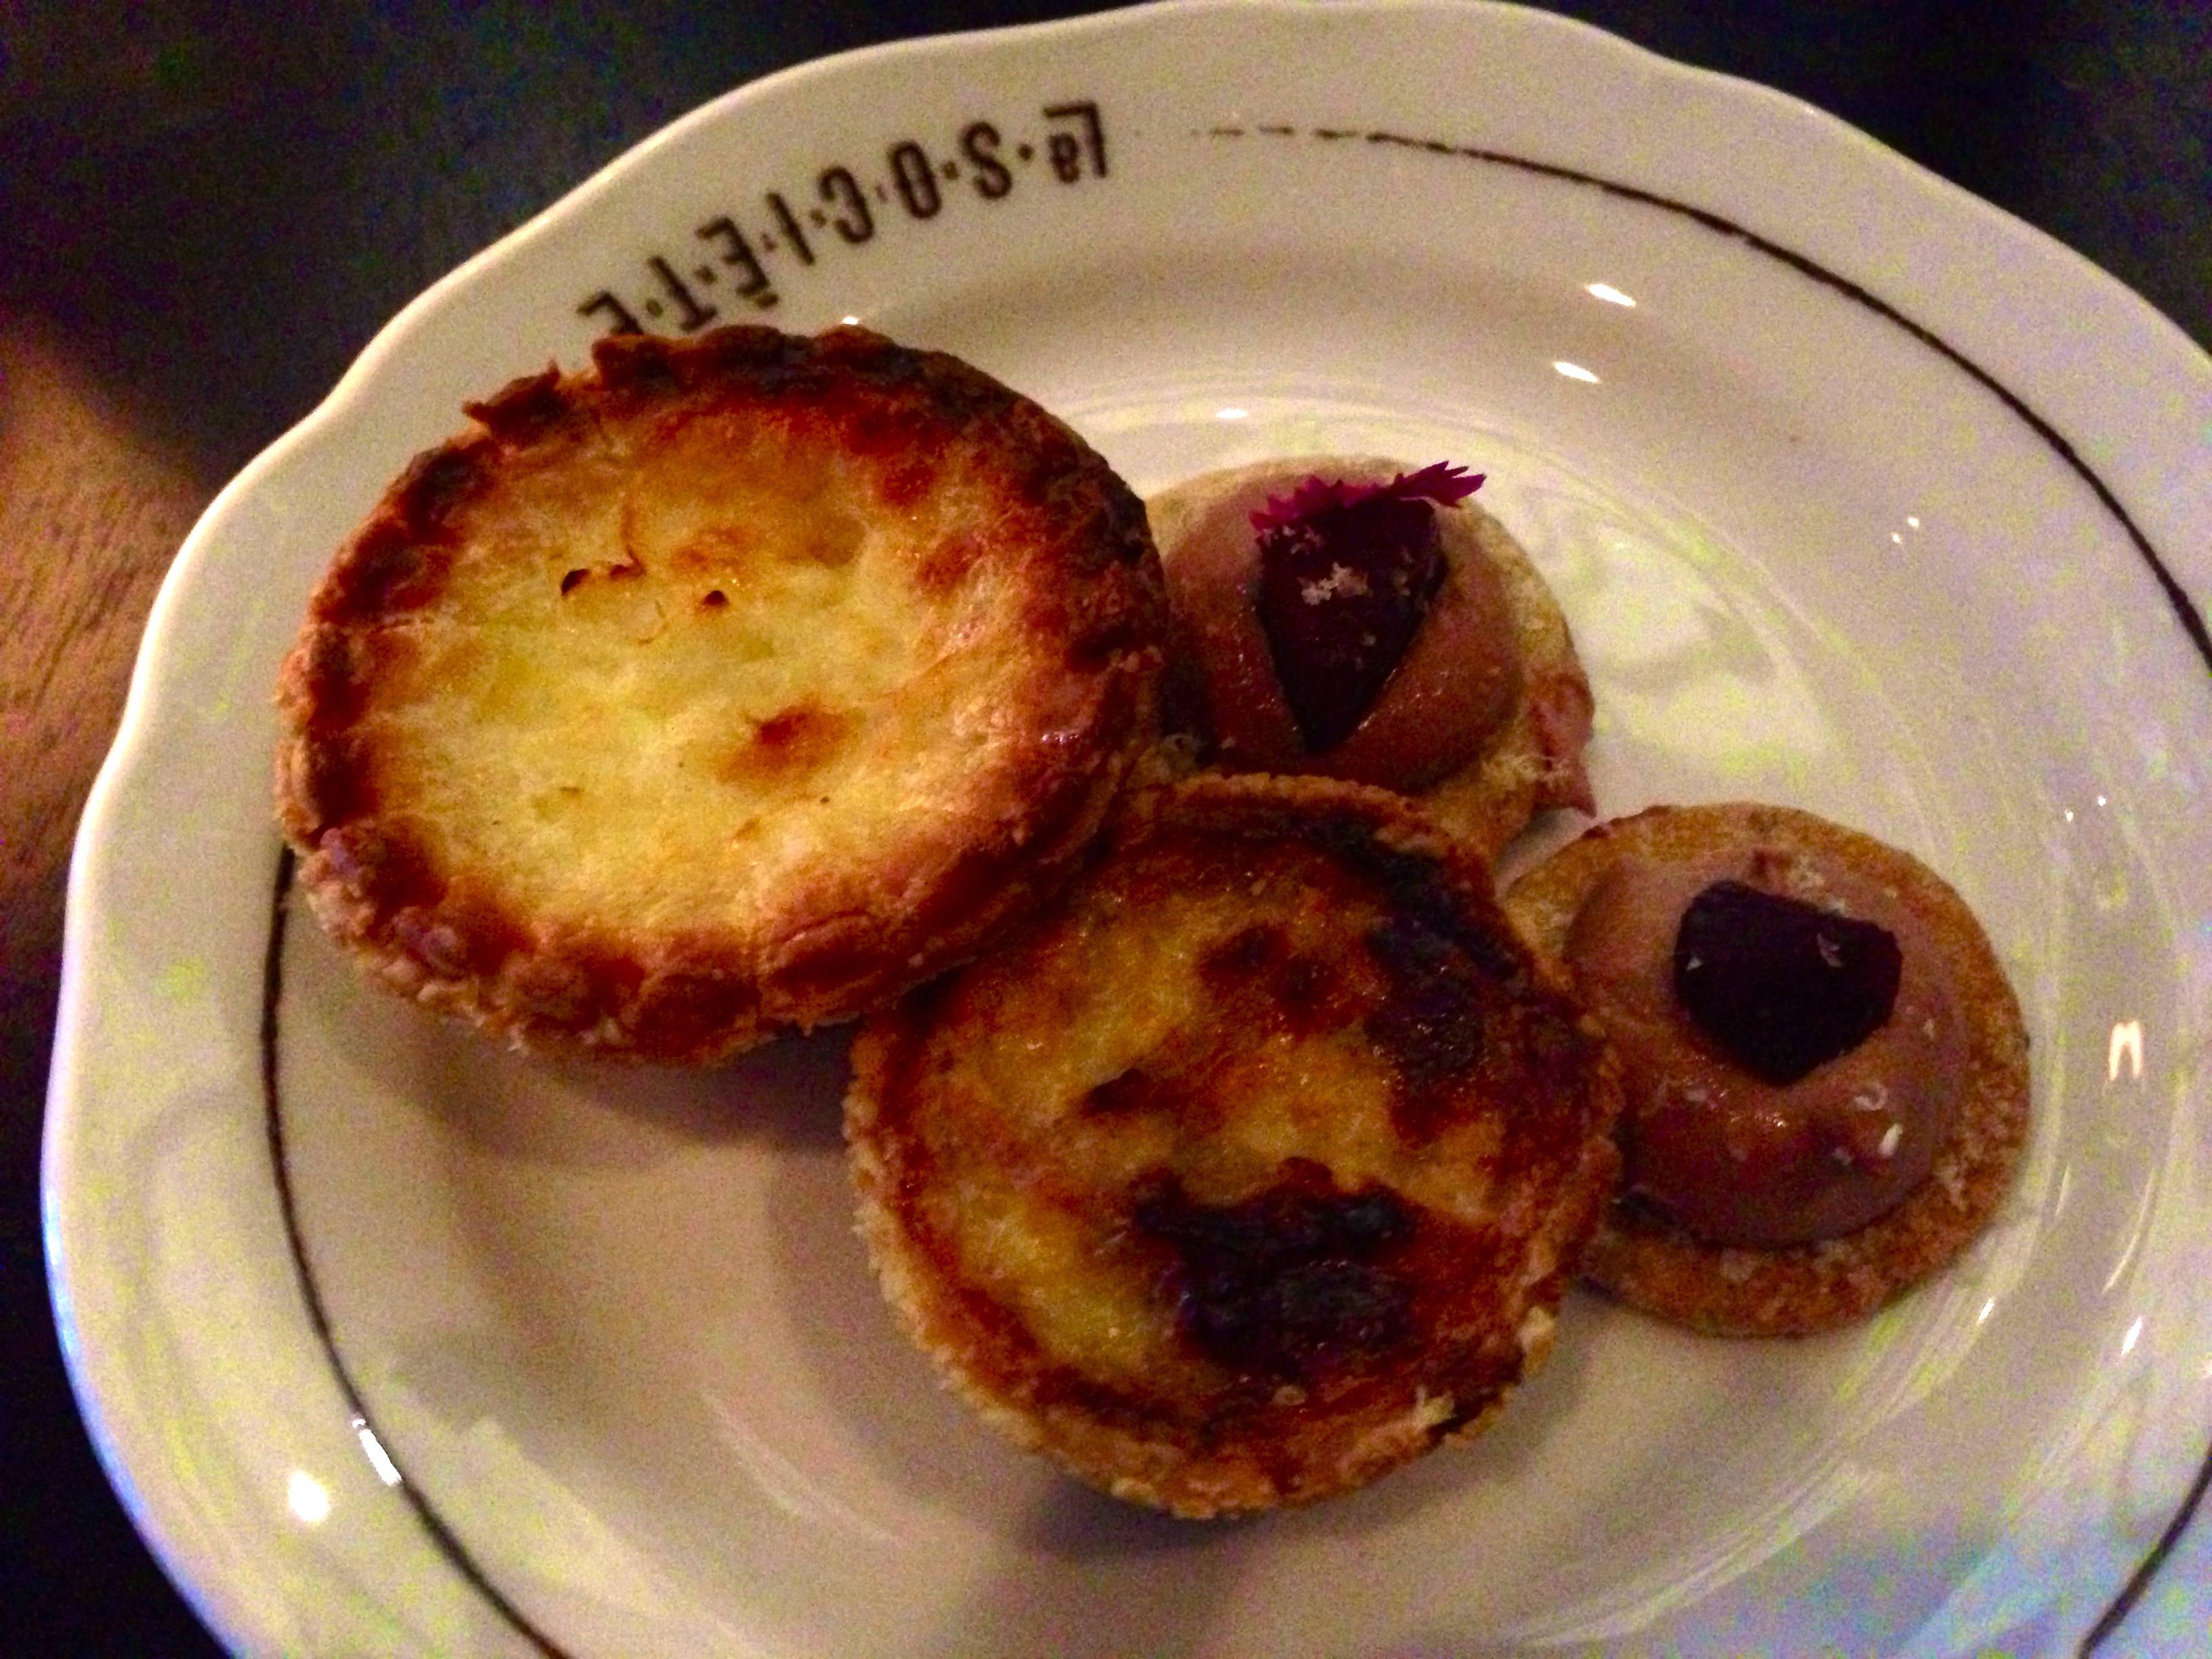 Mousse de foie gras & quiches au fromage.